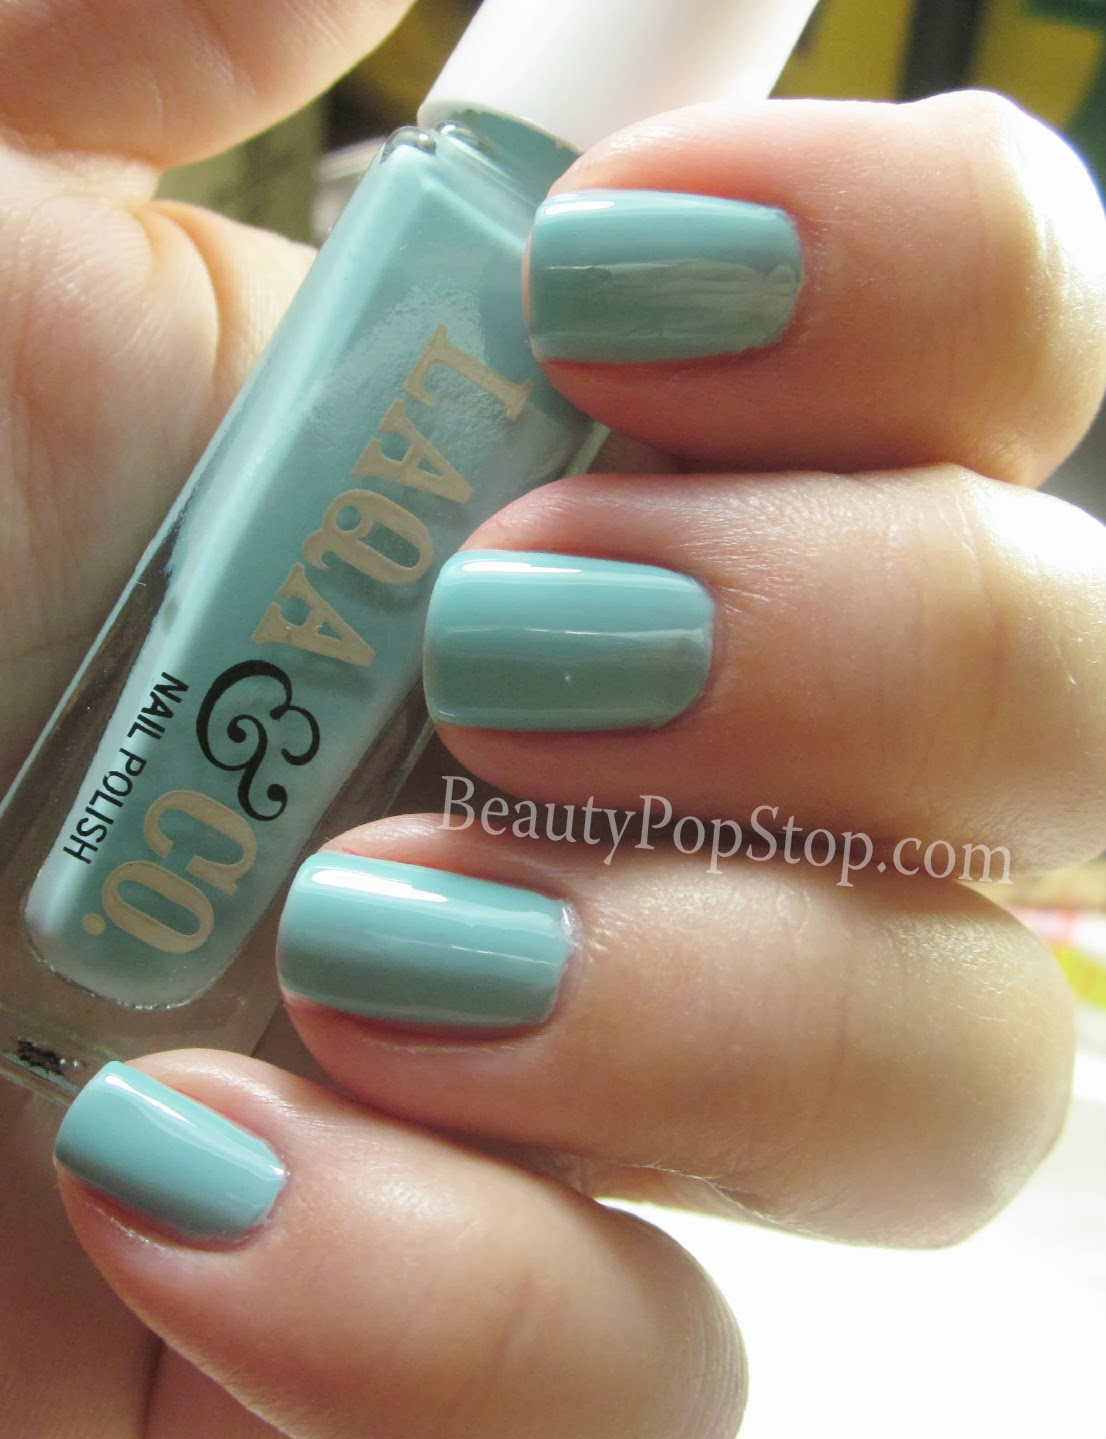 BeautyPopStop: LAQA & Co Nail Polish Pens, Nail Polish and Fat Lip ...